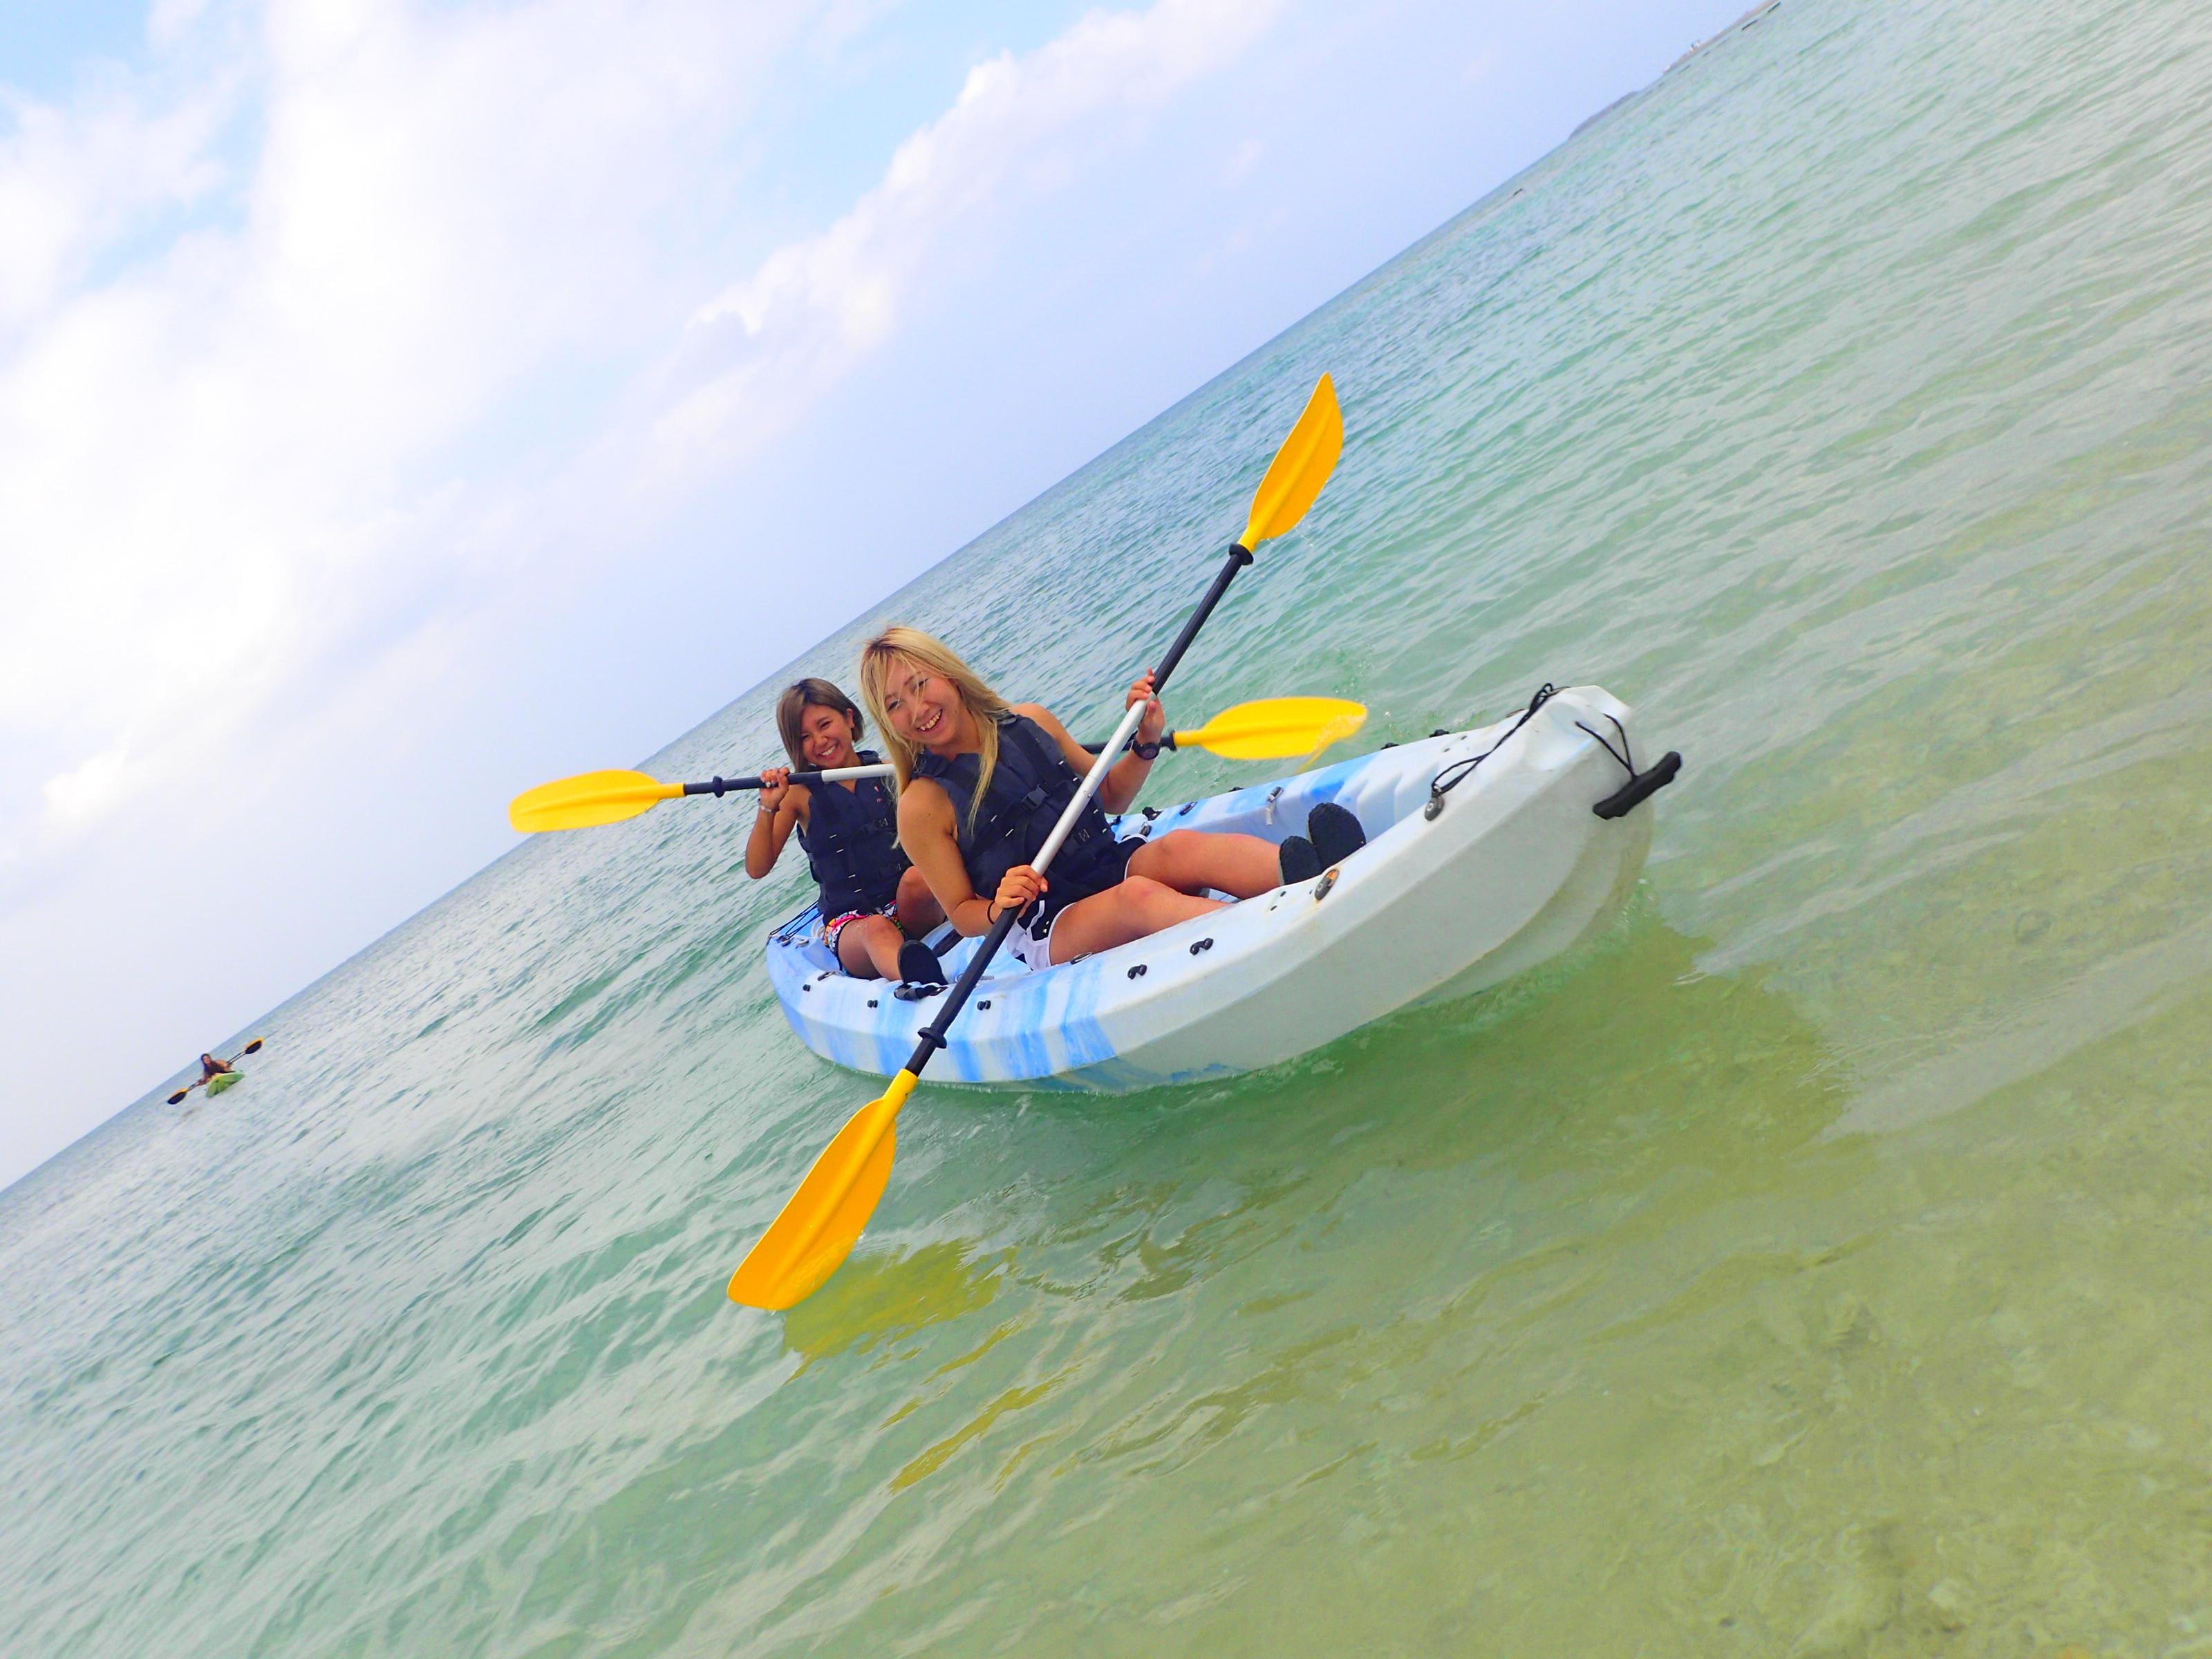 沖縄の読谷村の海をシーカヤックで進む